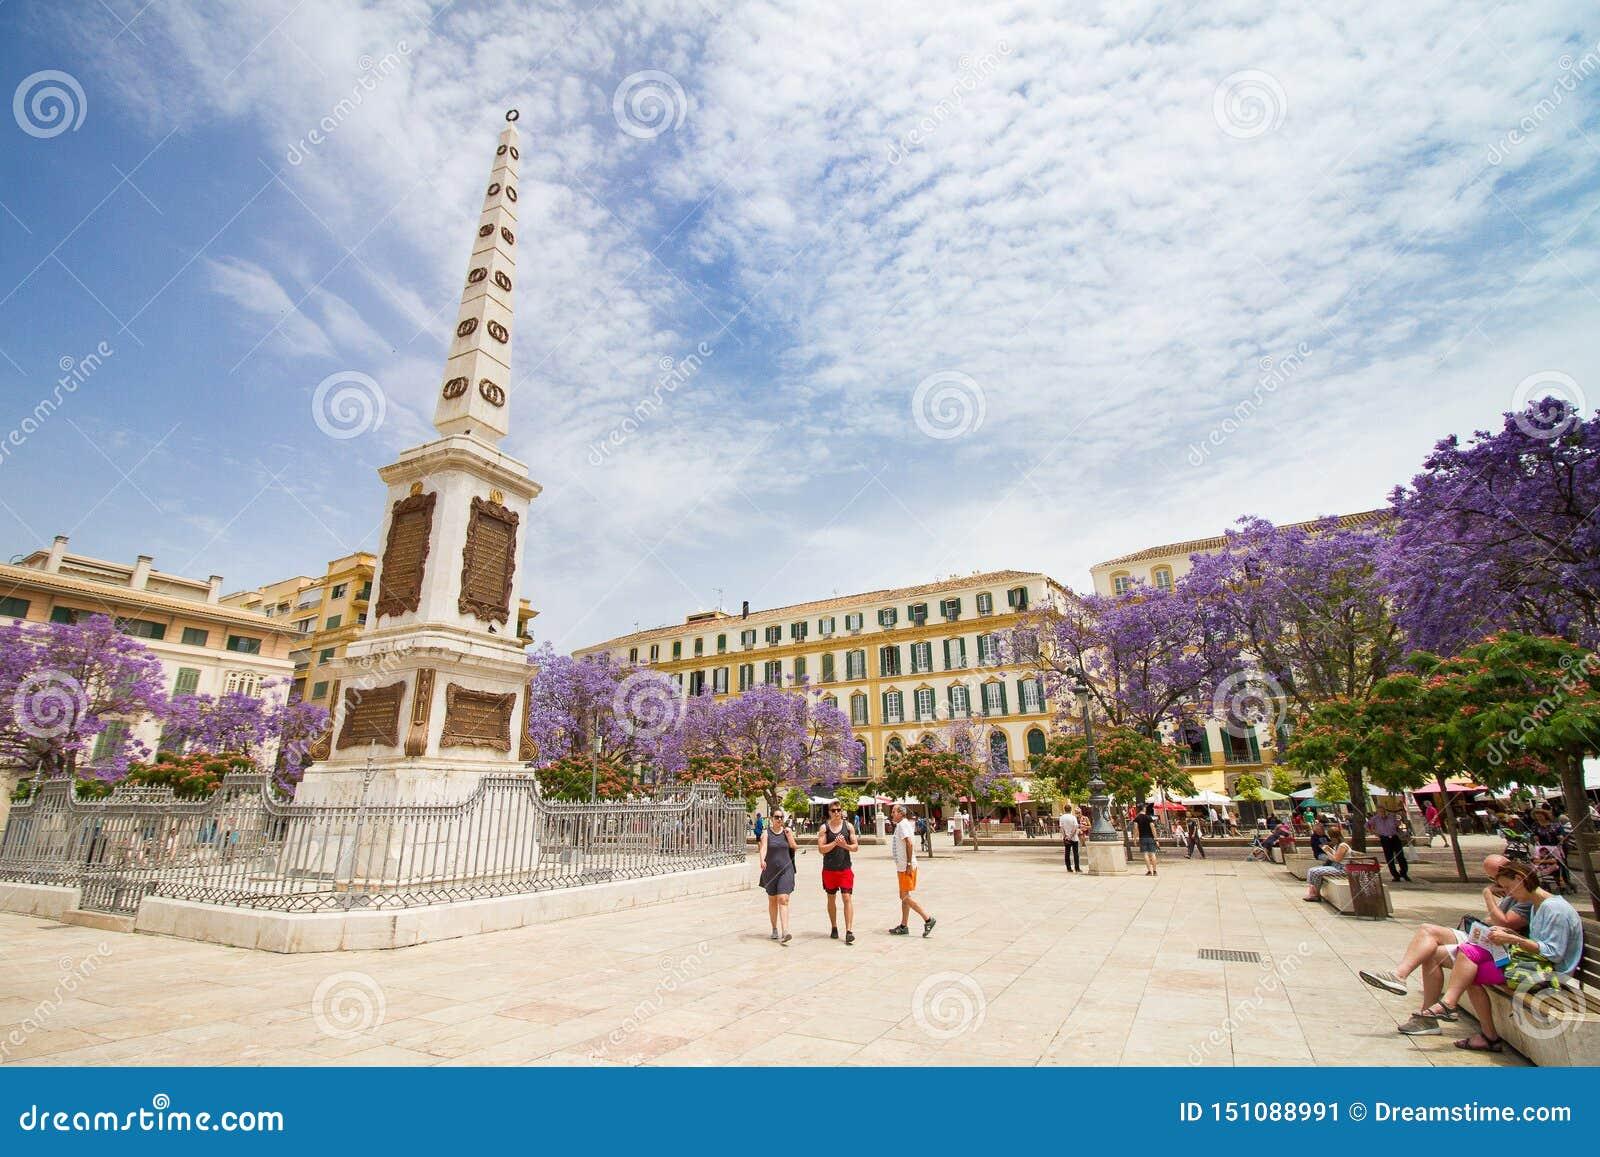 Το Plaza το τετραγωνικό μνημείο της Μάλαγας